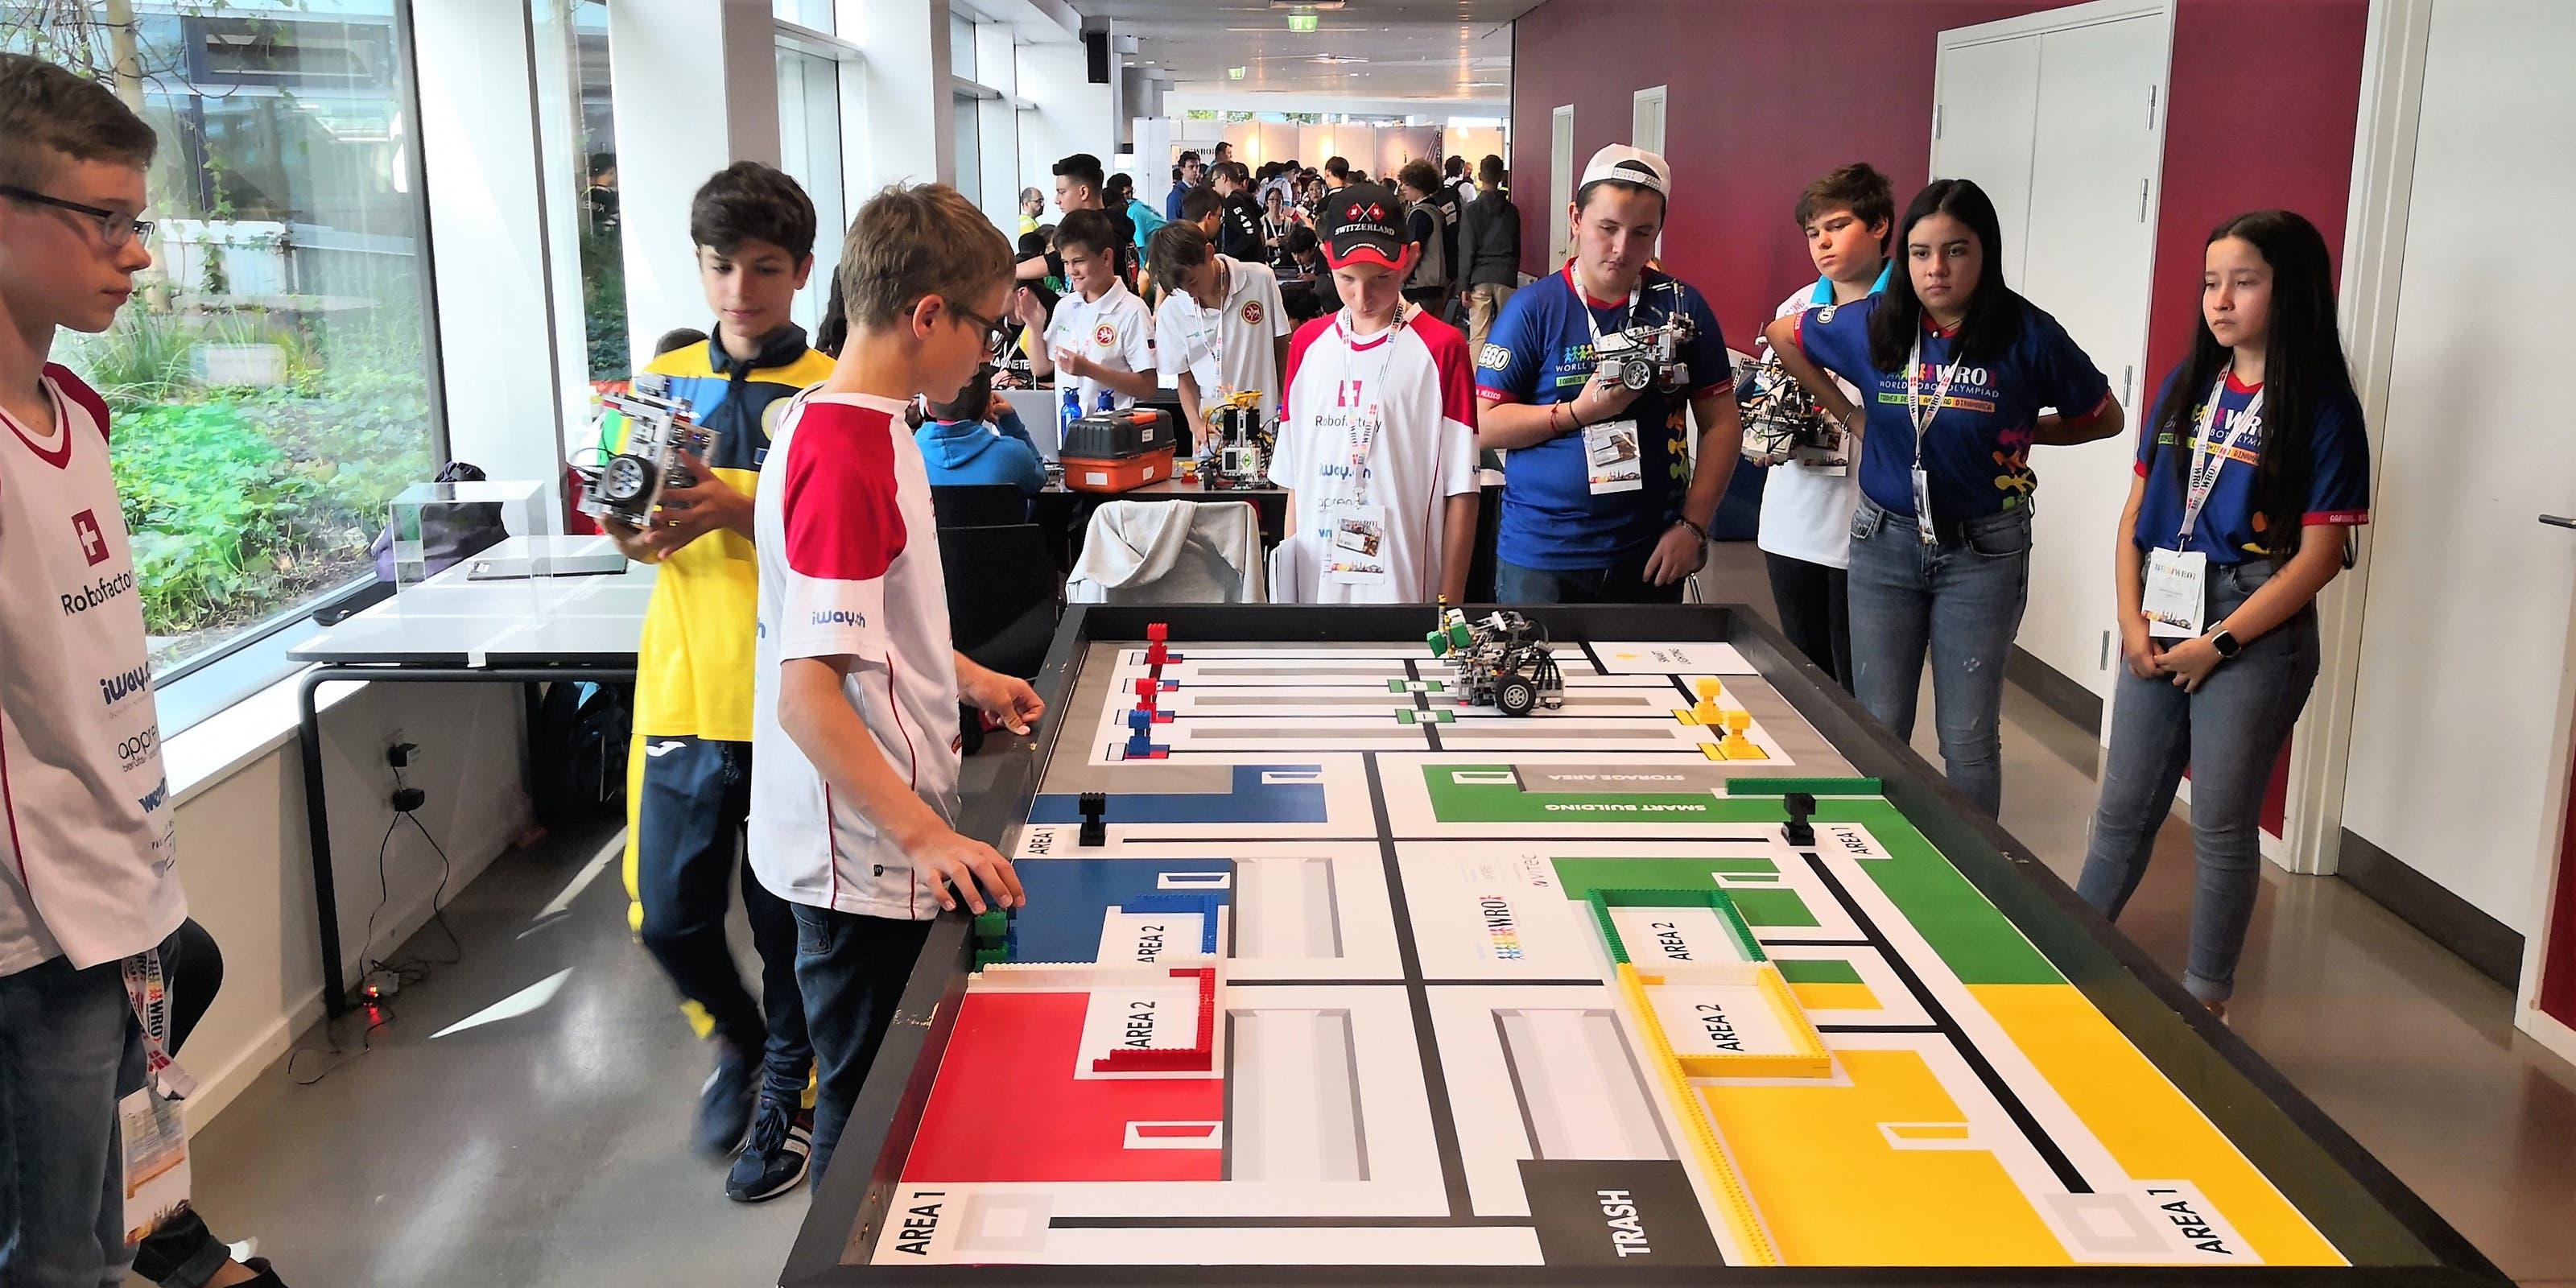 Mit ihren Legorobotern schafften sie es in ihrer jeweiligen Alterskategorie auf den 3., 10. und 12. Platz.